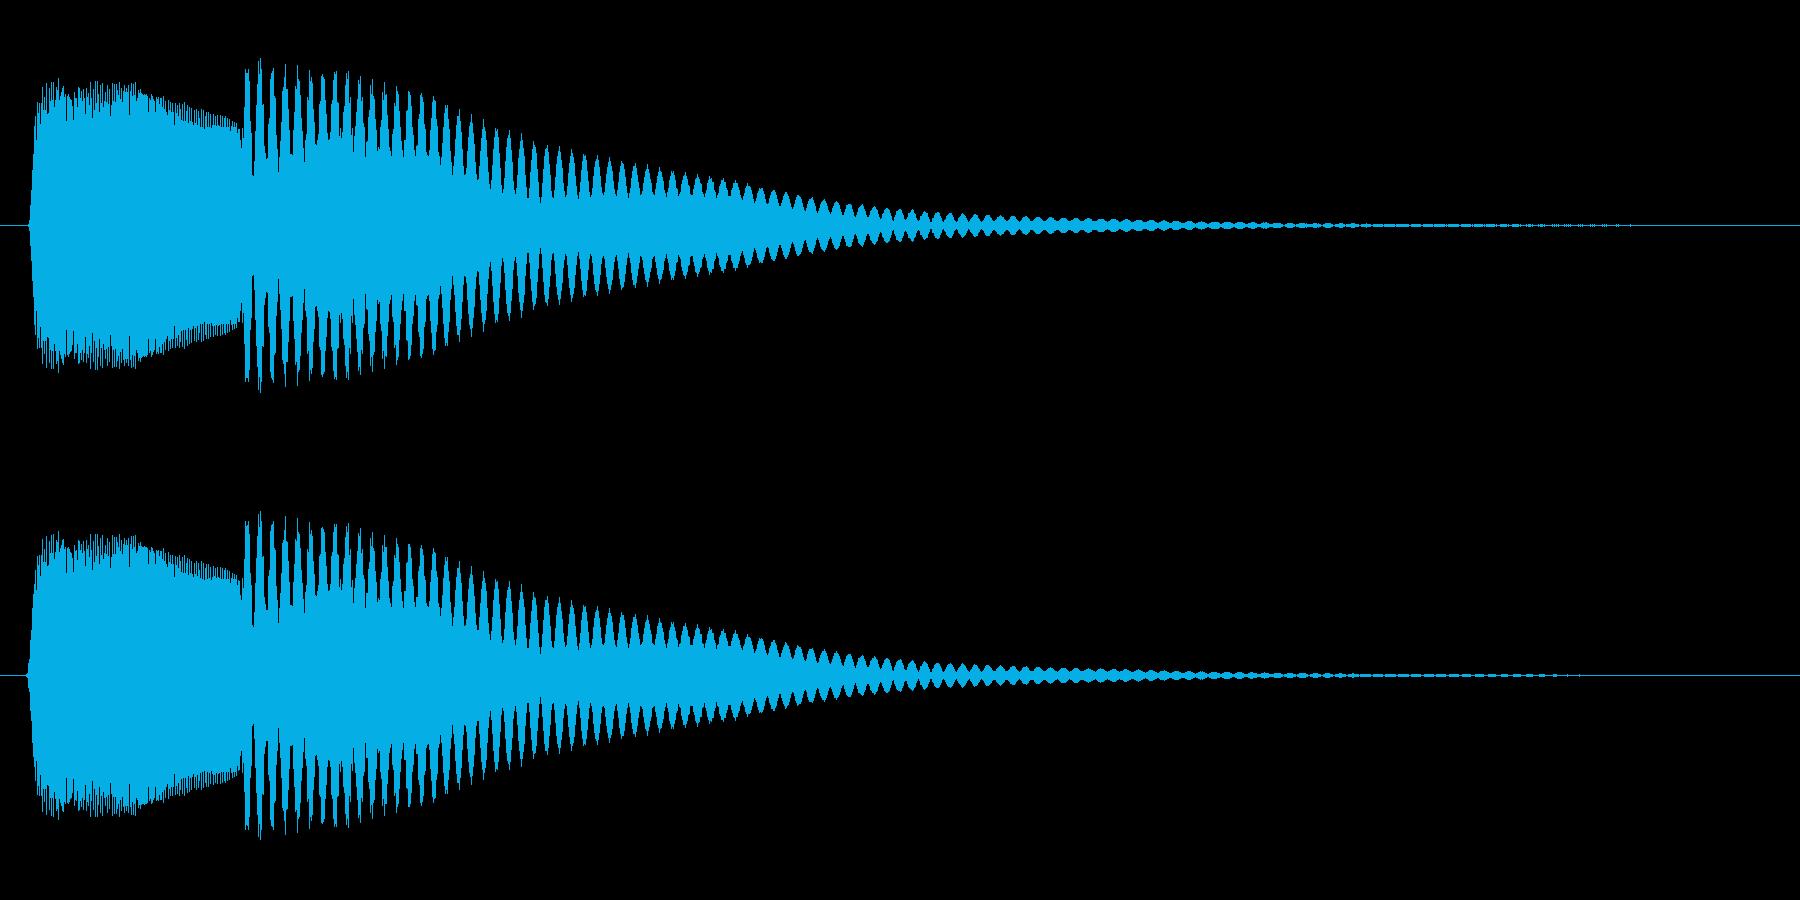 コカ〜ン(可愛らしいシステム向けの音)の再生済みの波形